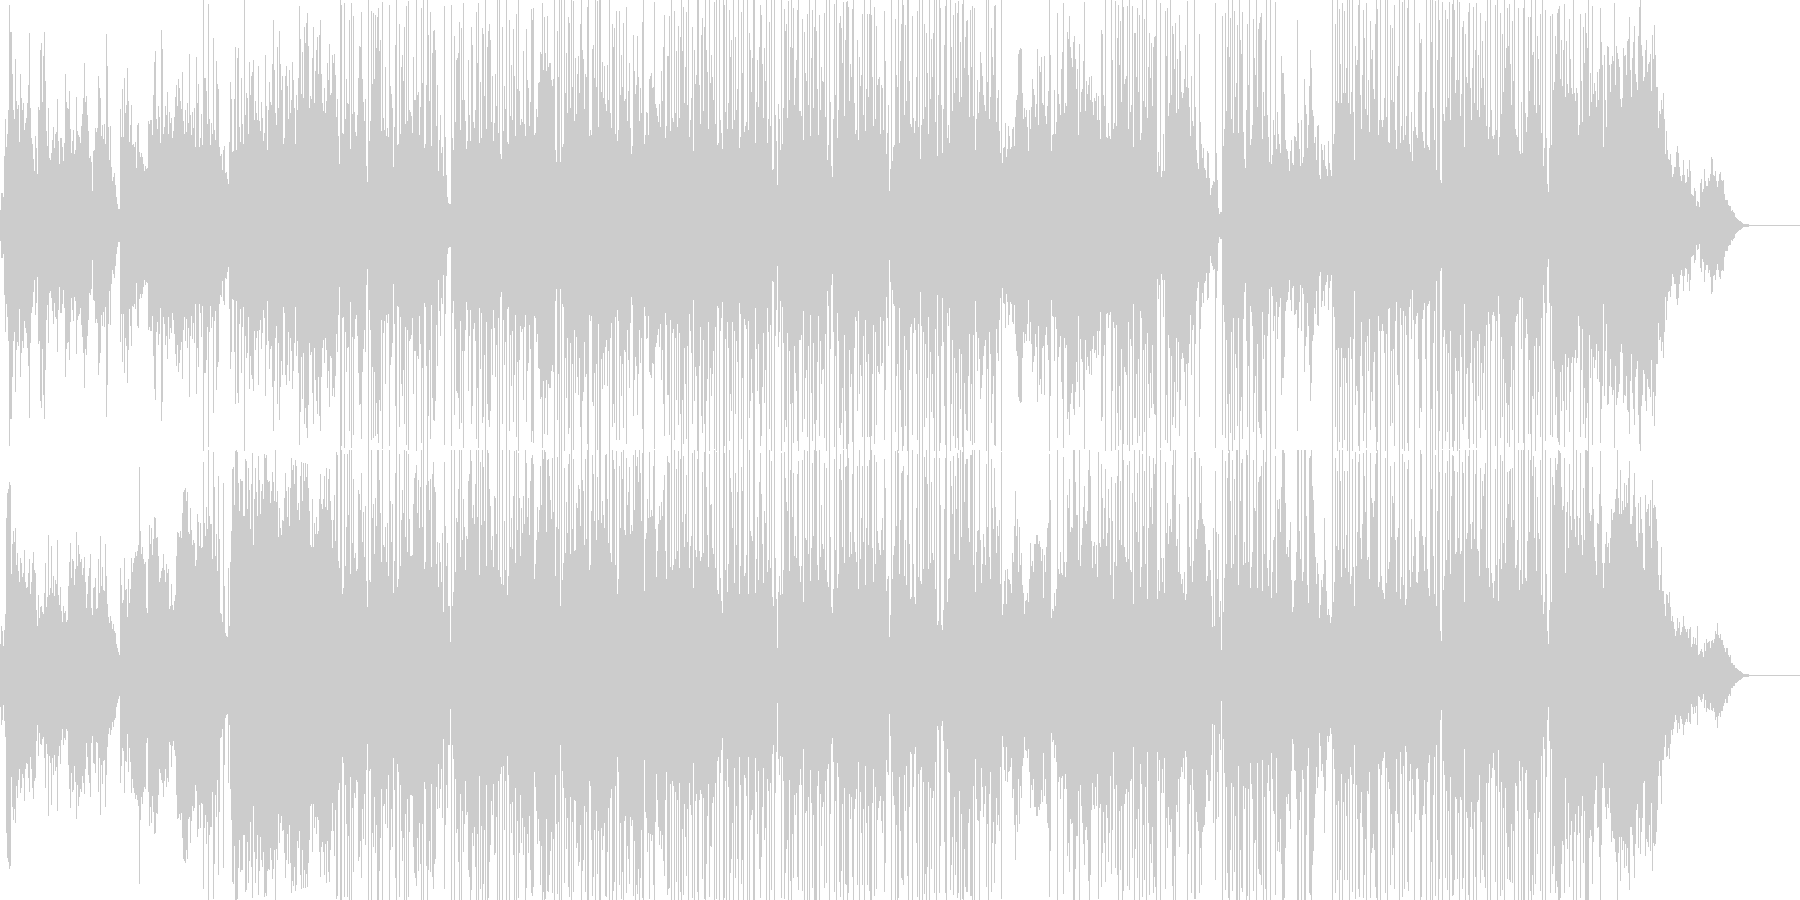 エレクトロニック 静か 楽しげ や...の未再生の波形